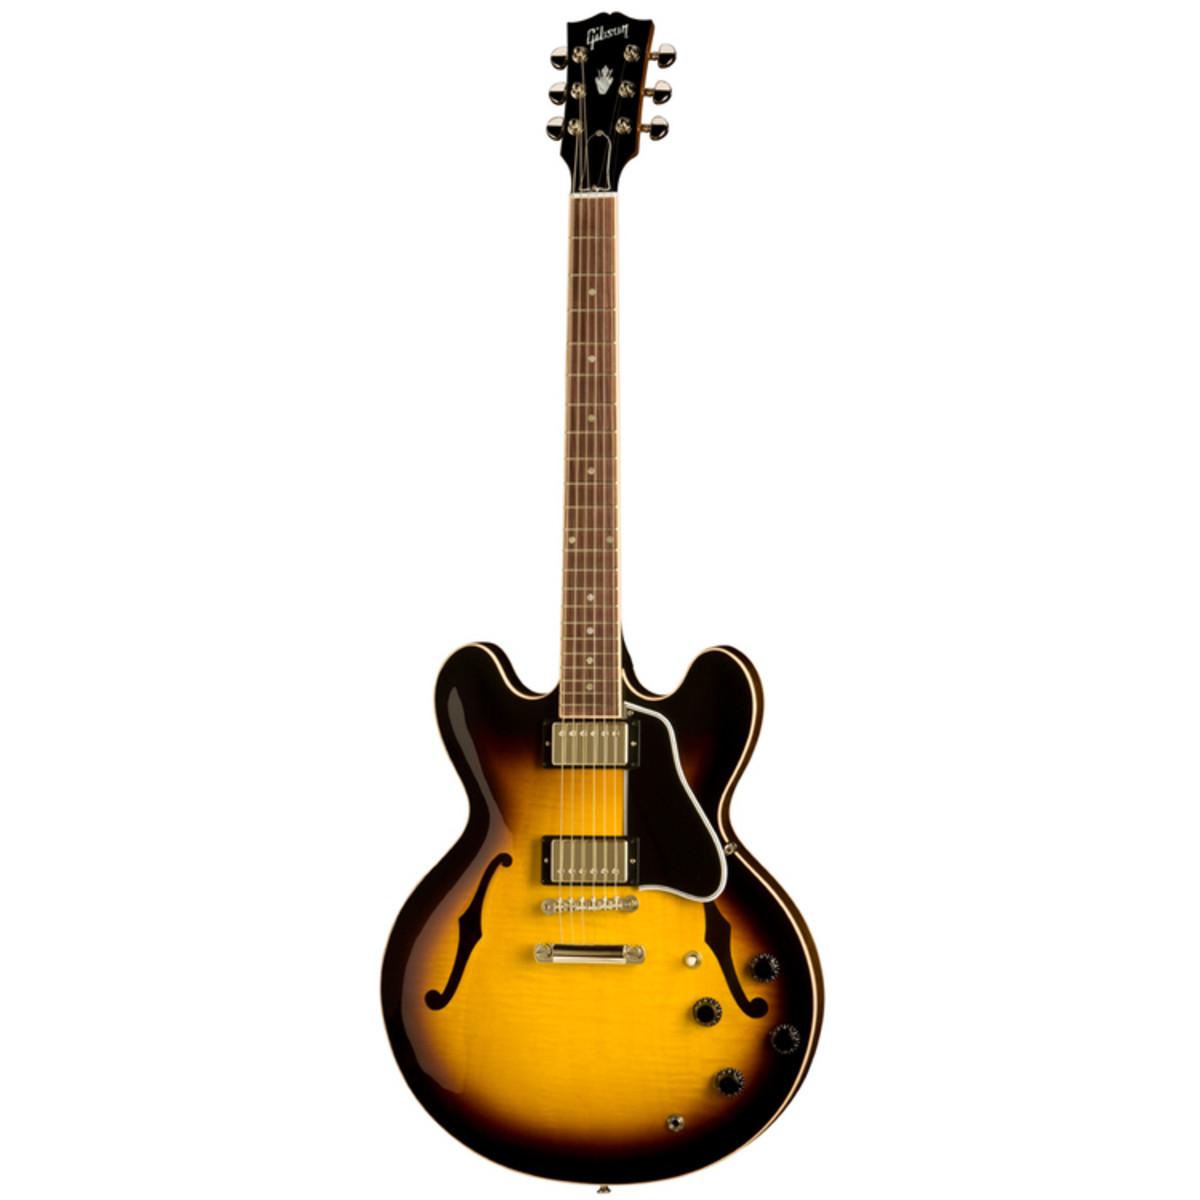 gibson es 335 dot plaintop guitar vintage sunburst at. Black Bedroom Furniture Sets. Home Design Ideas